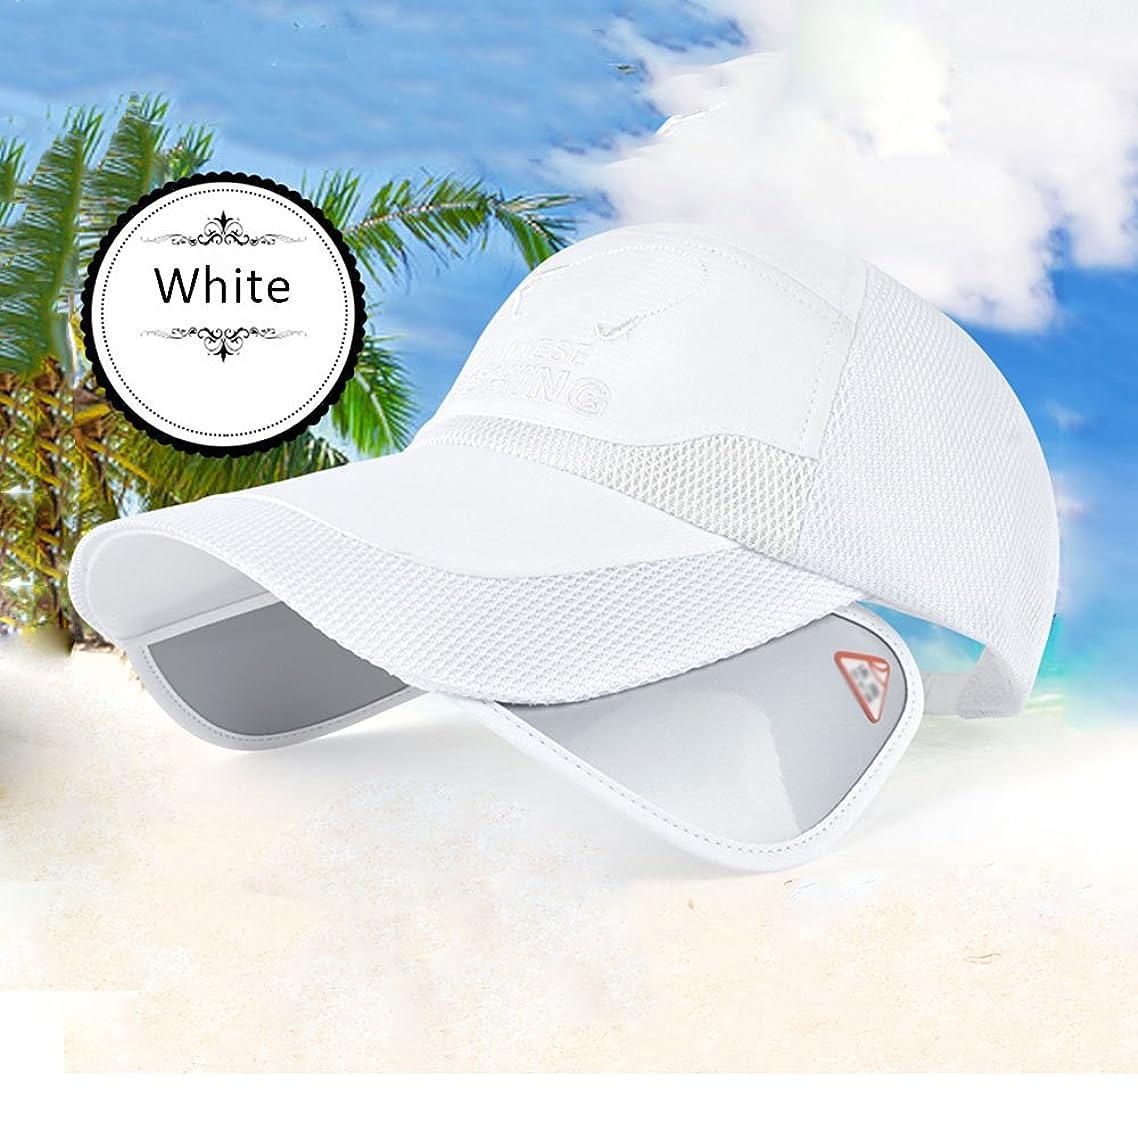 等々下着社会Yxsd 夏野球帽、ユニセックスサンハット、メッシュ通気性ゴルフキャップ、屋外登山クライミングバイザー、広げ帽子庇撤退可能な太陽UVミラー (Color : White)